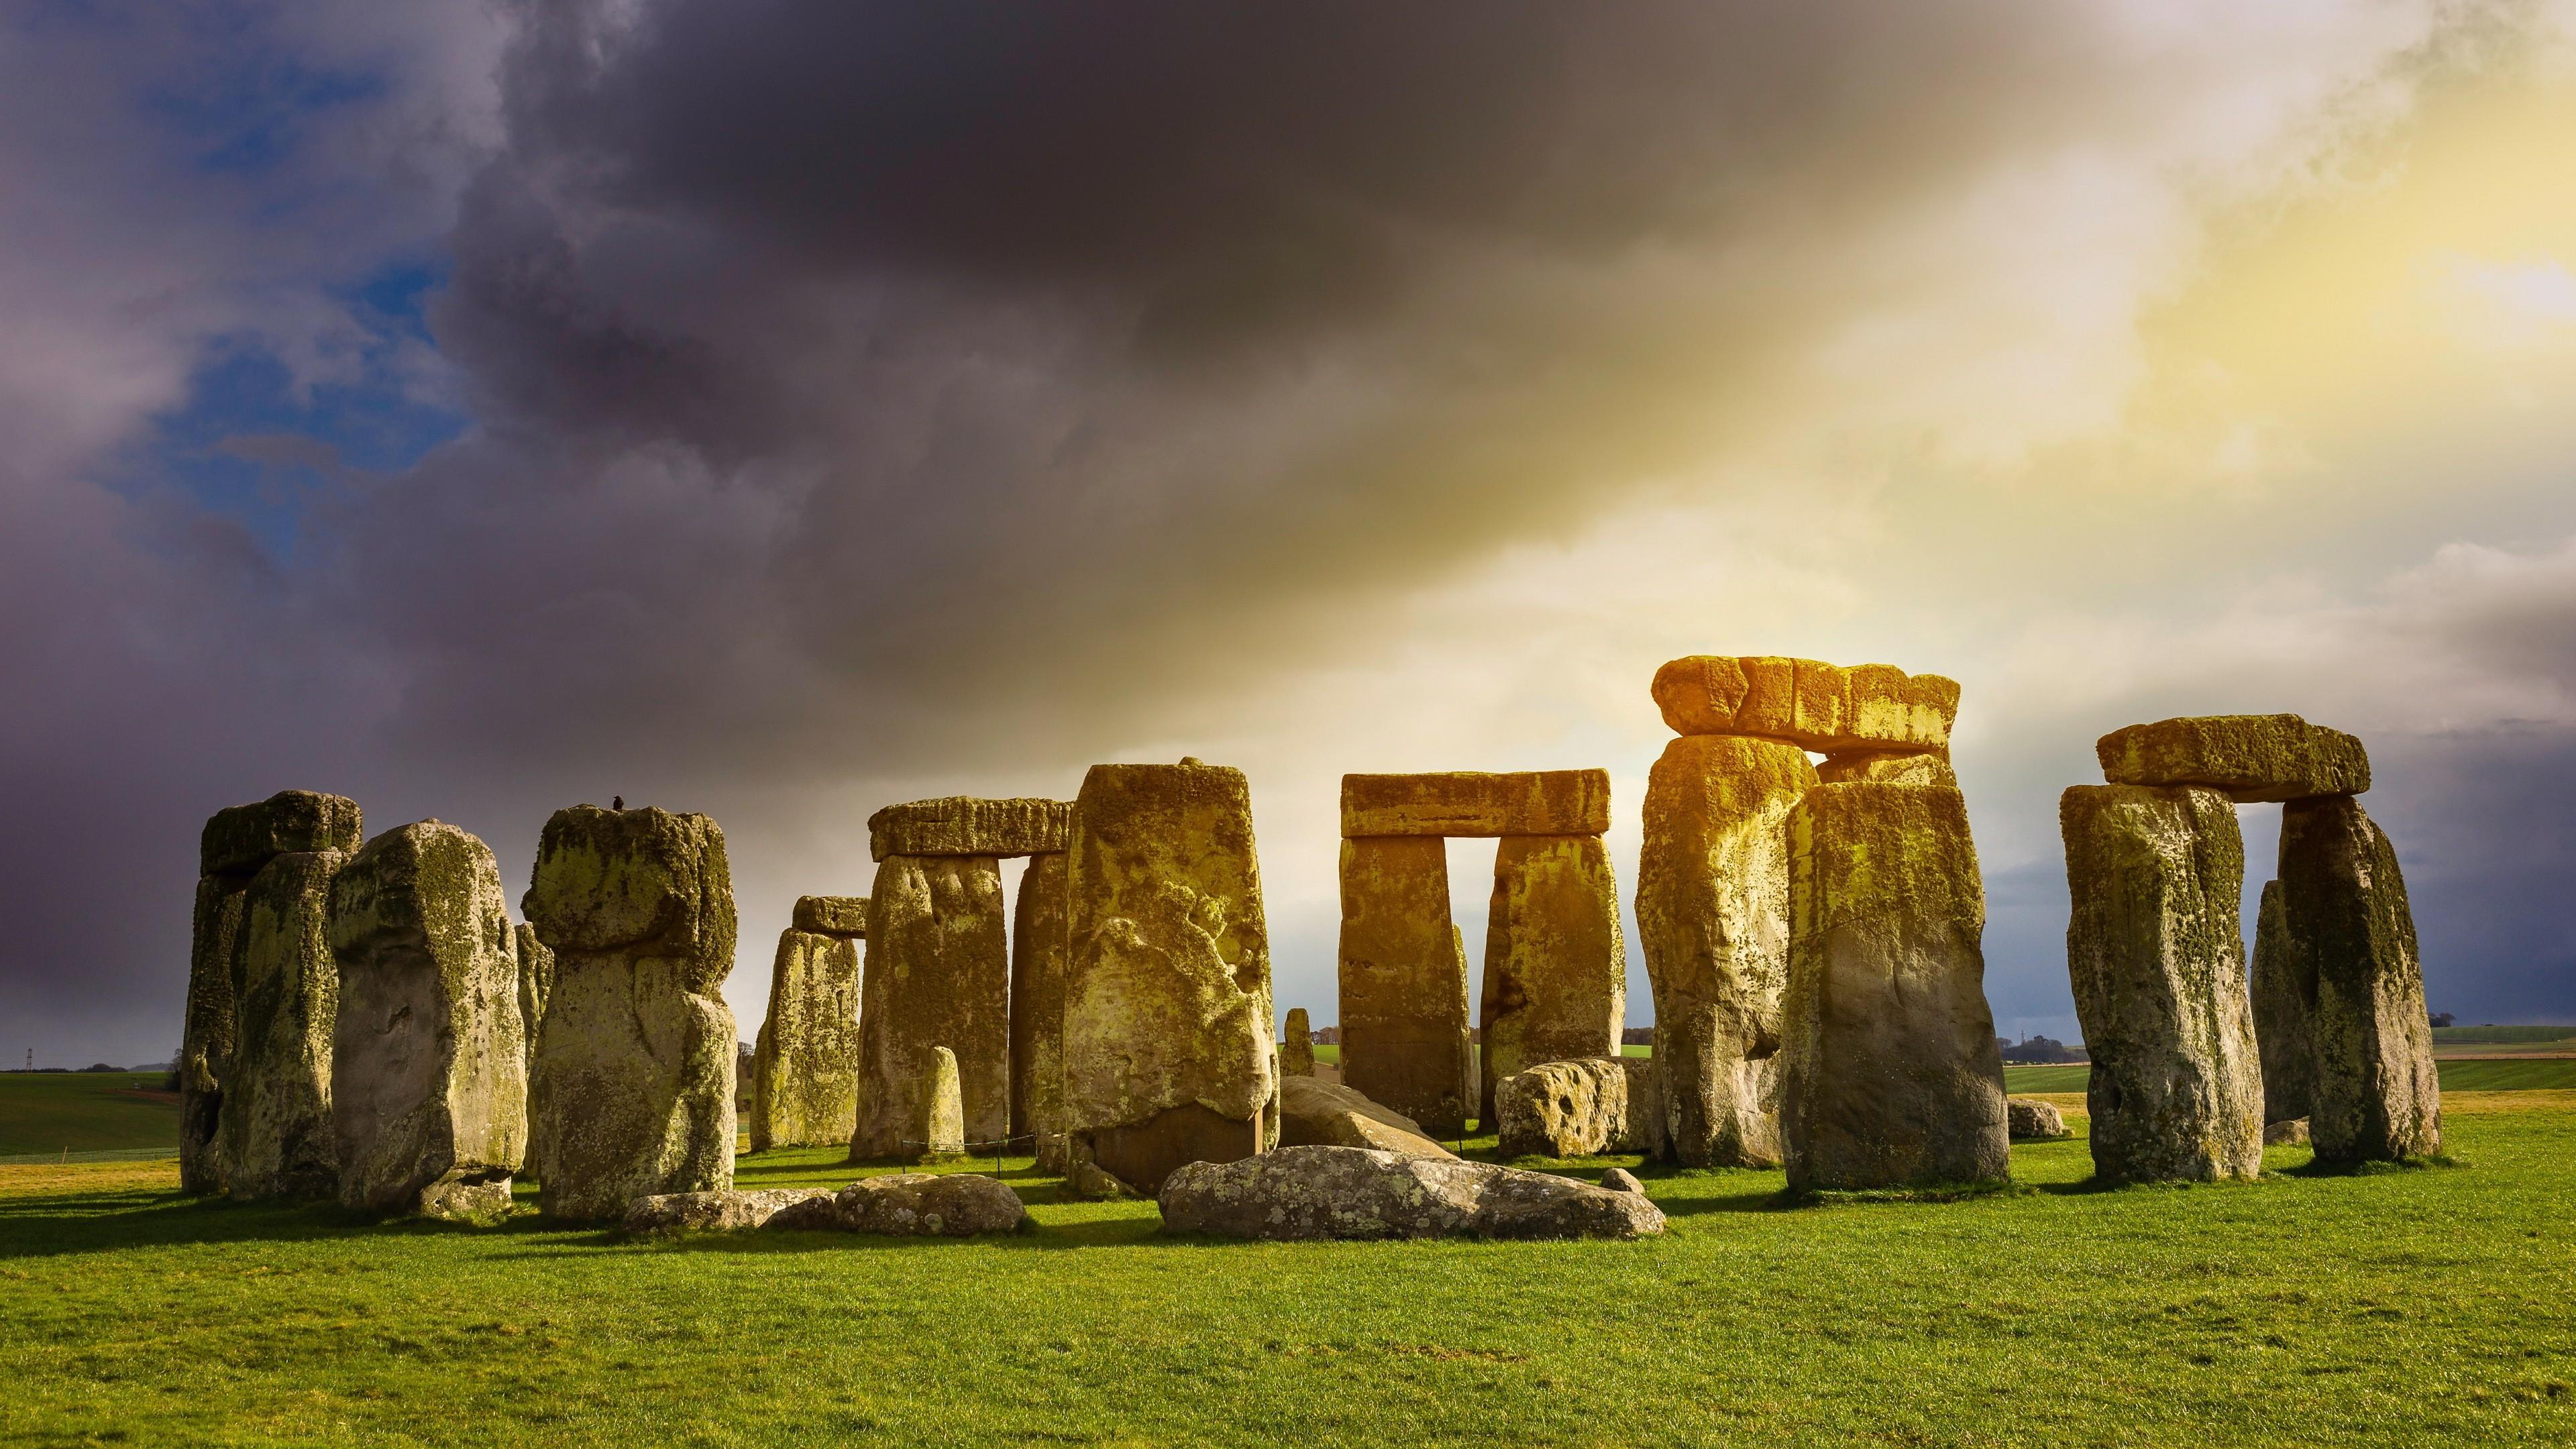 Stonehenge Wallpaper 7   3840 X 2160 stmednet 3840x2160